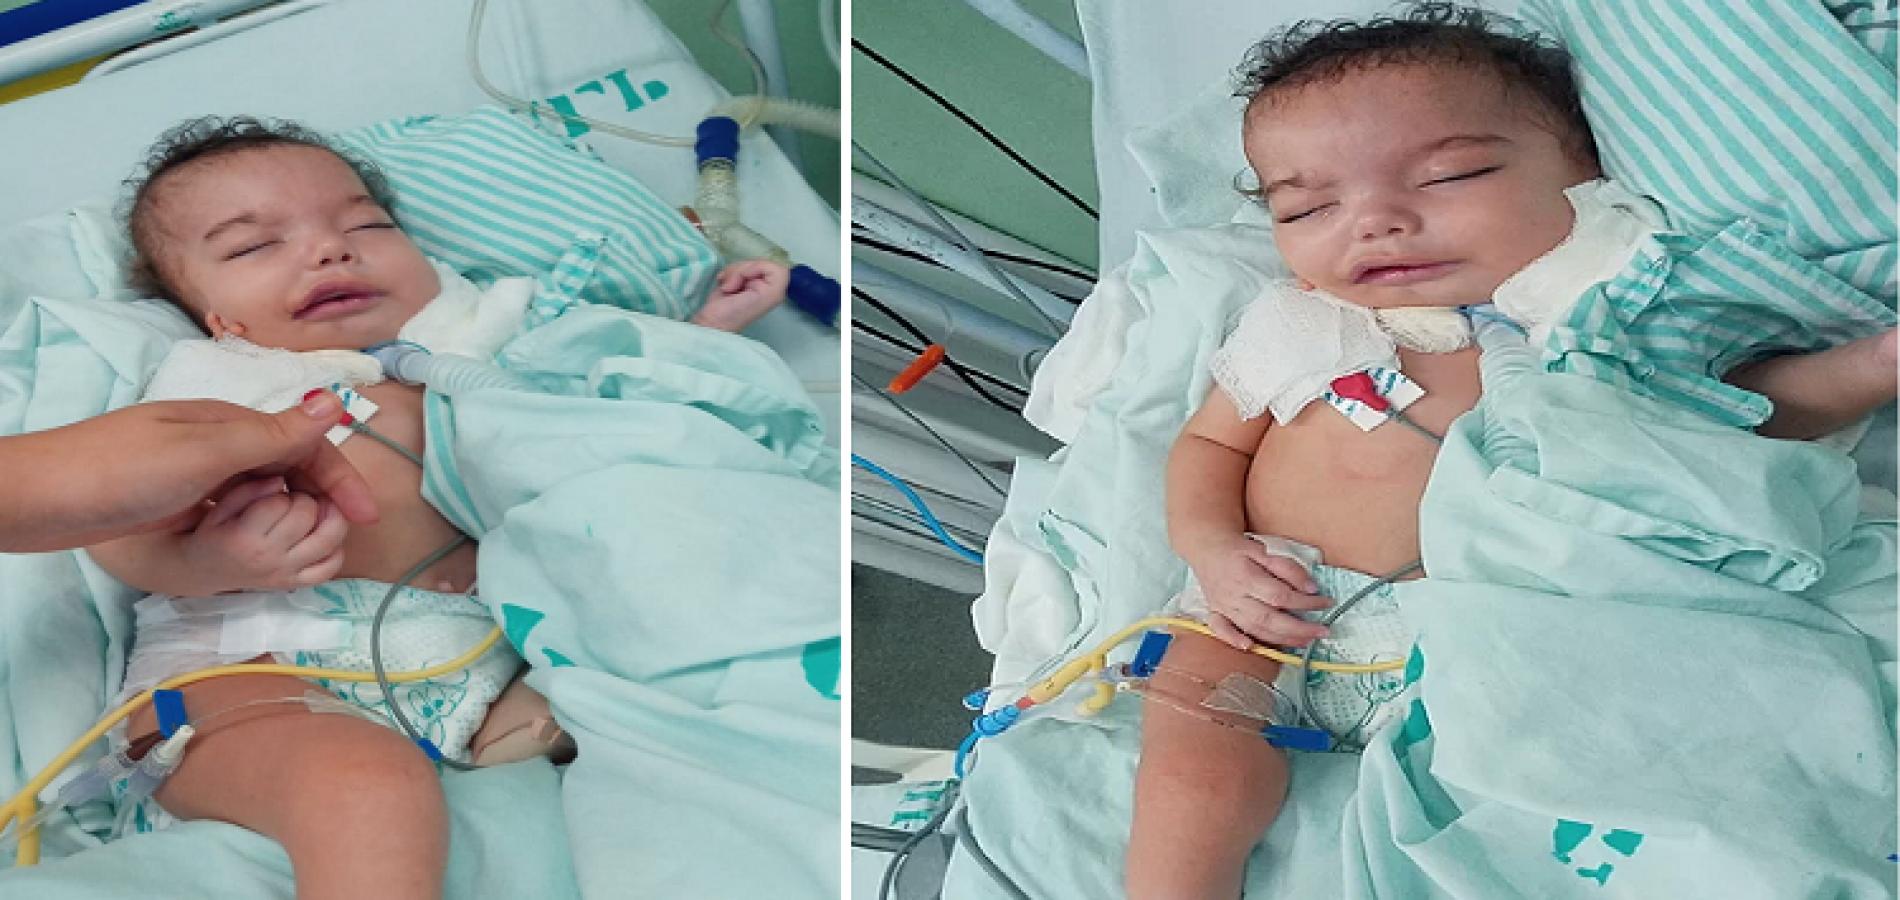 No Piauí, mãe pede ajuda para montar UTI para bebê que mora em hospital desde que nasceu